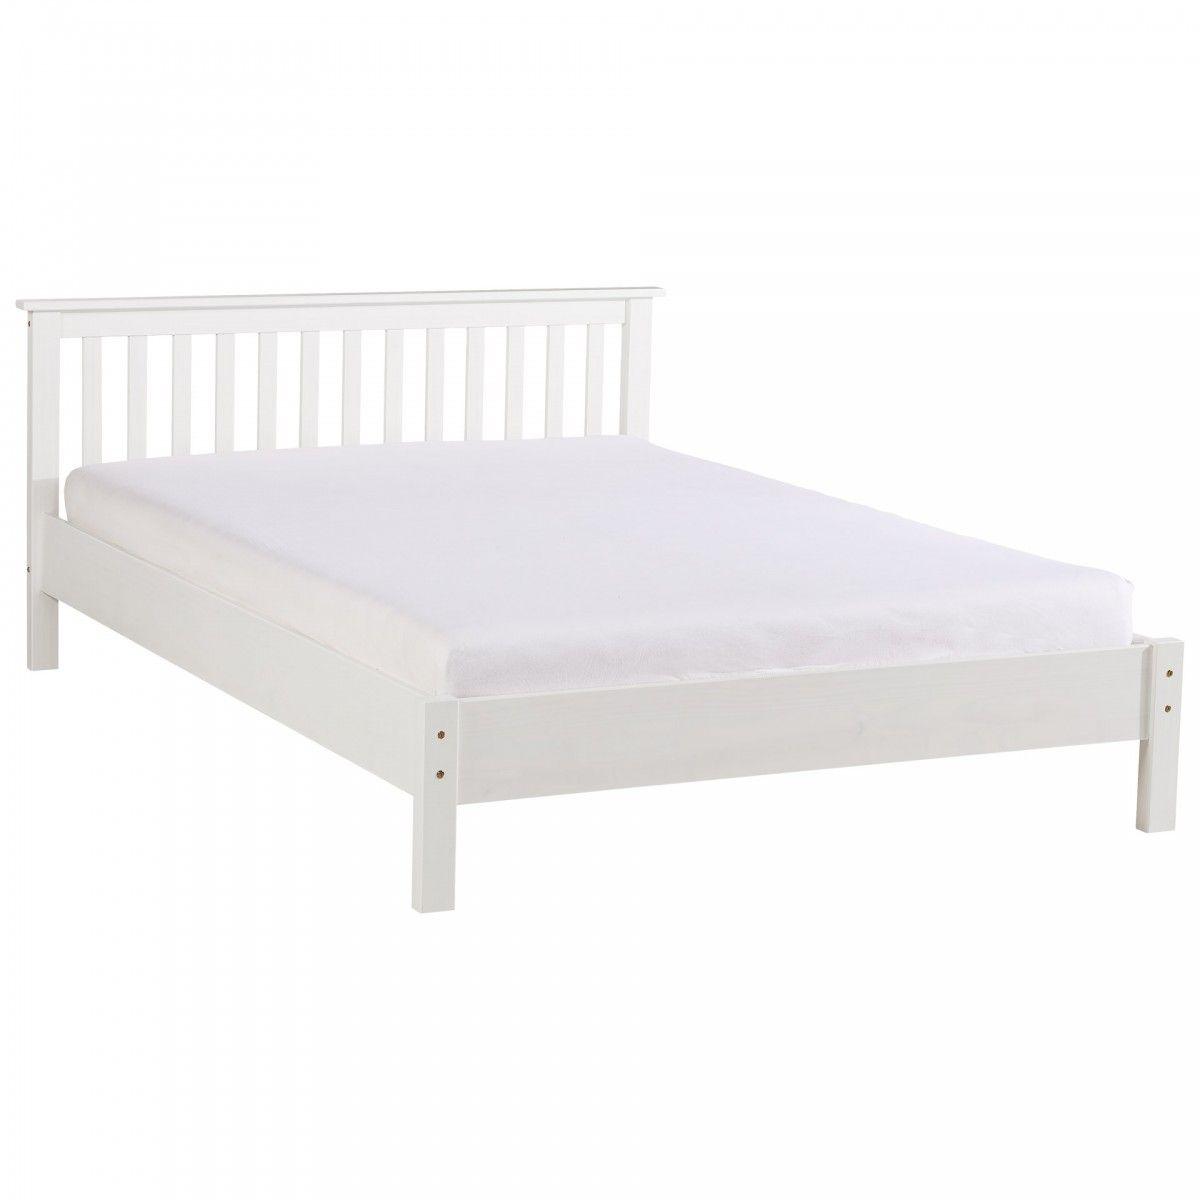 Full Size of Stabiles Bett Luis 180 200 Cm Mit Aufbewahrung Betten Für übergewichtige Ausgefallene 180x200 Günstig Kaufen Schlicht Weiß 140x200 Xxl Sofa Bettkasten Bett Stabiles Bett